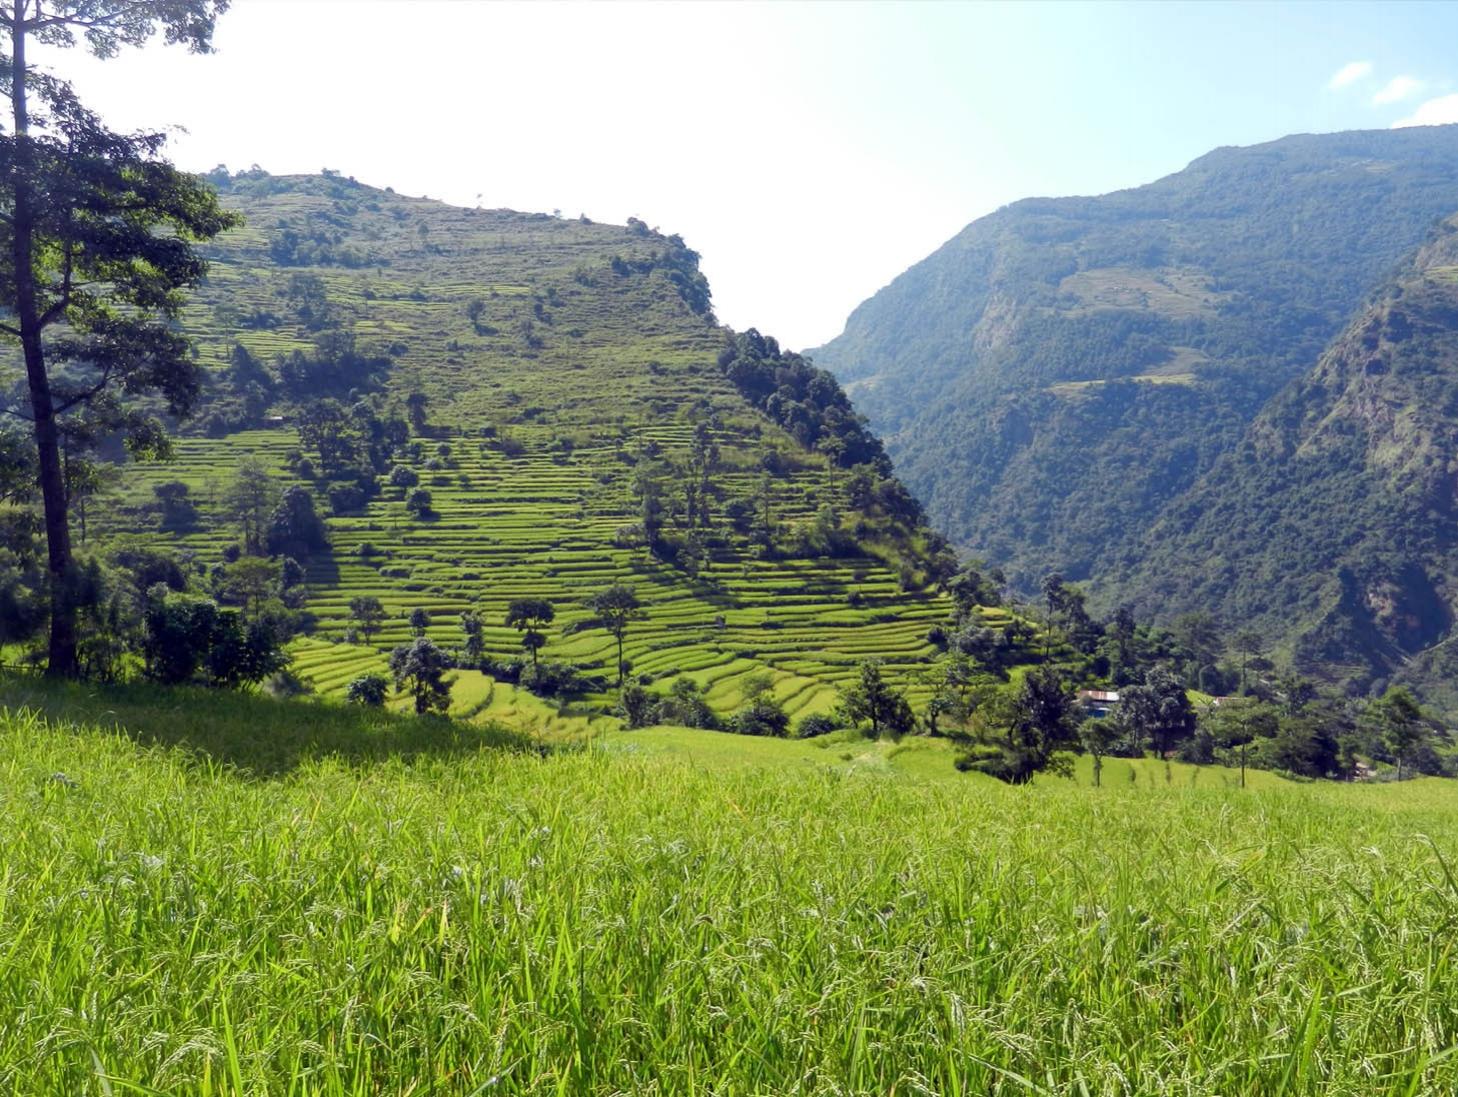 Naar Phu Tilicho - Paysage verdoyant du début du trek dans la vallée de l'Annapurna - Photo Eric Losserand